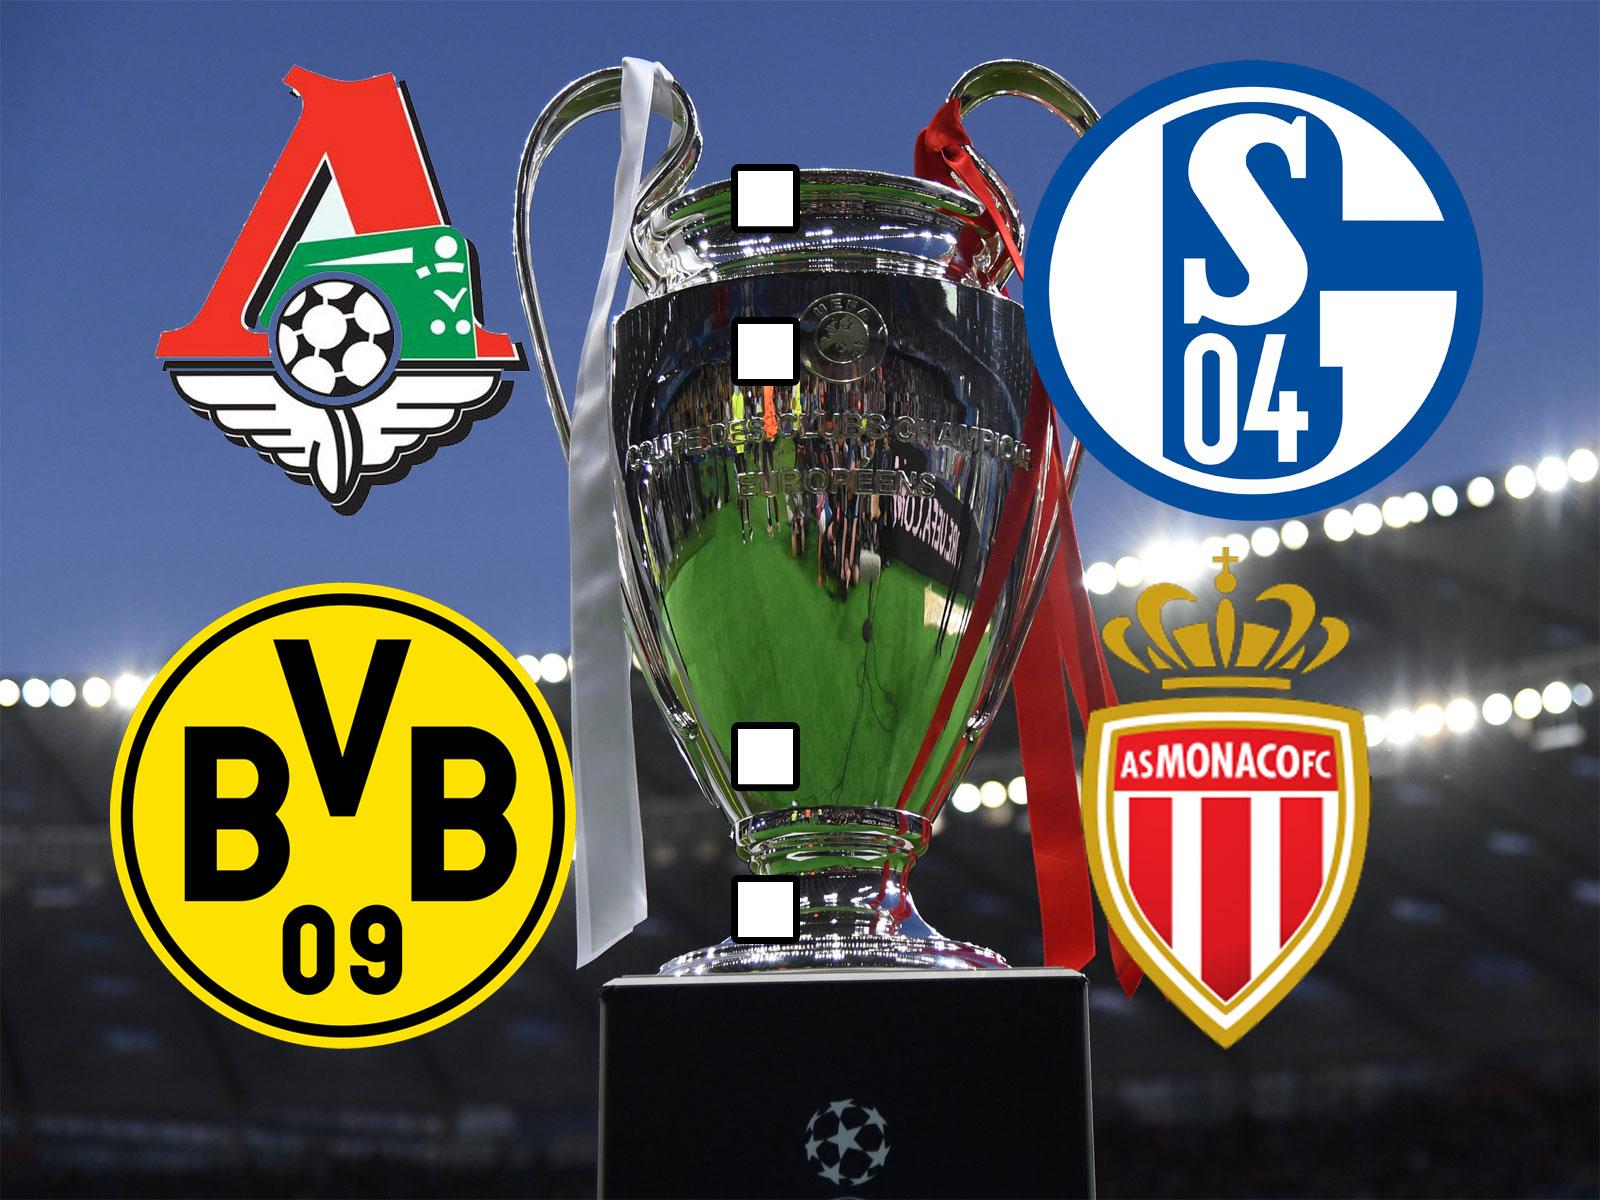 Schalke und Dortmund kämpfen in der Champions League um Punkte.